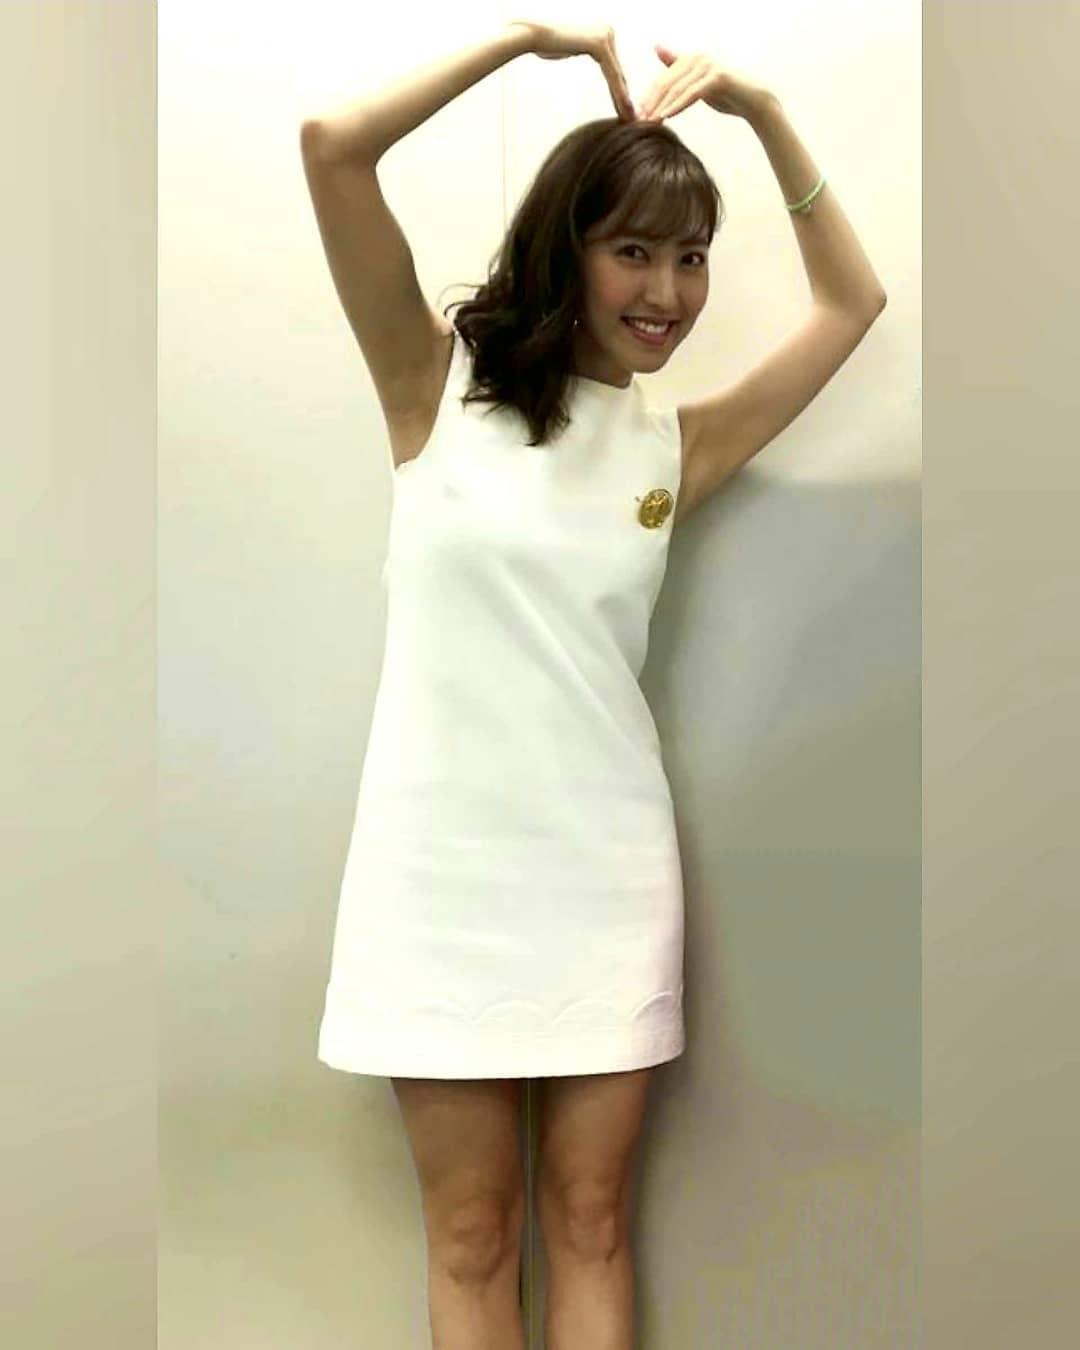 ミニスカート姿の小澤陽子さん